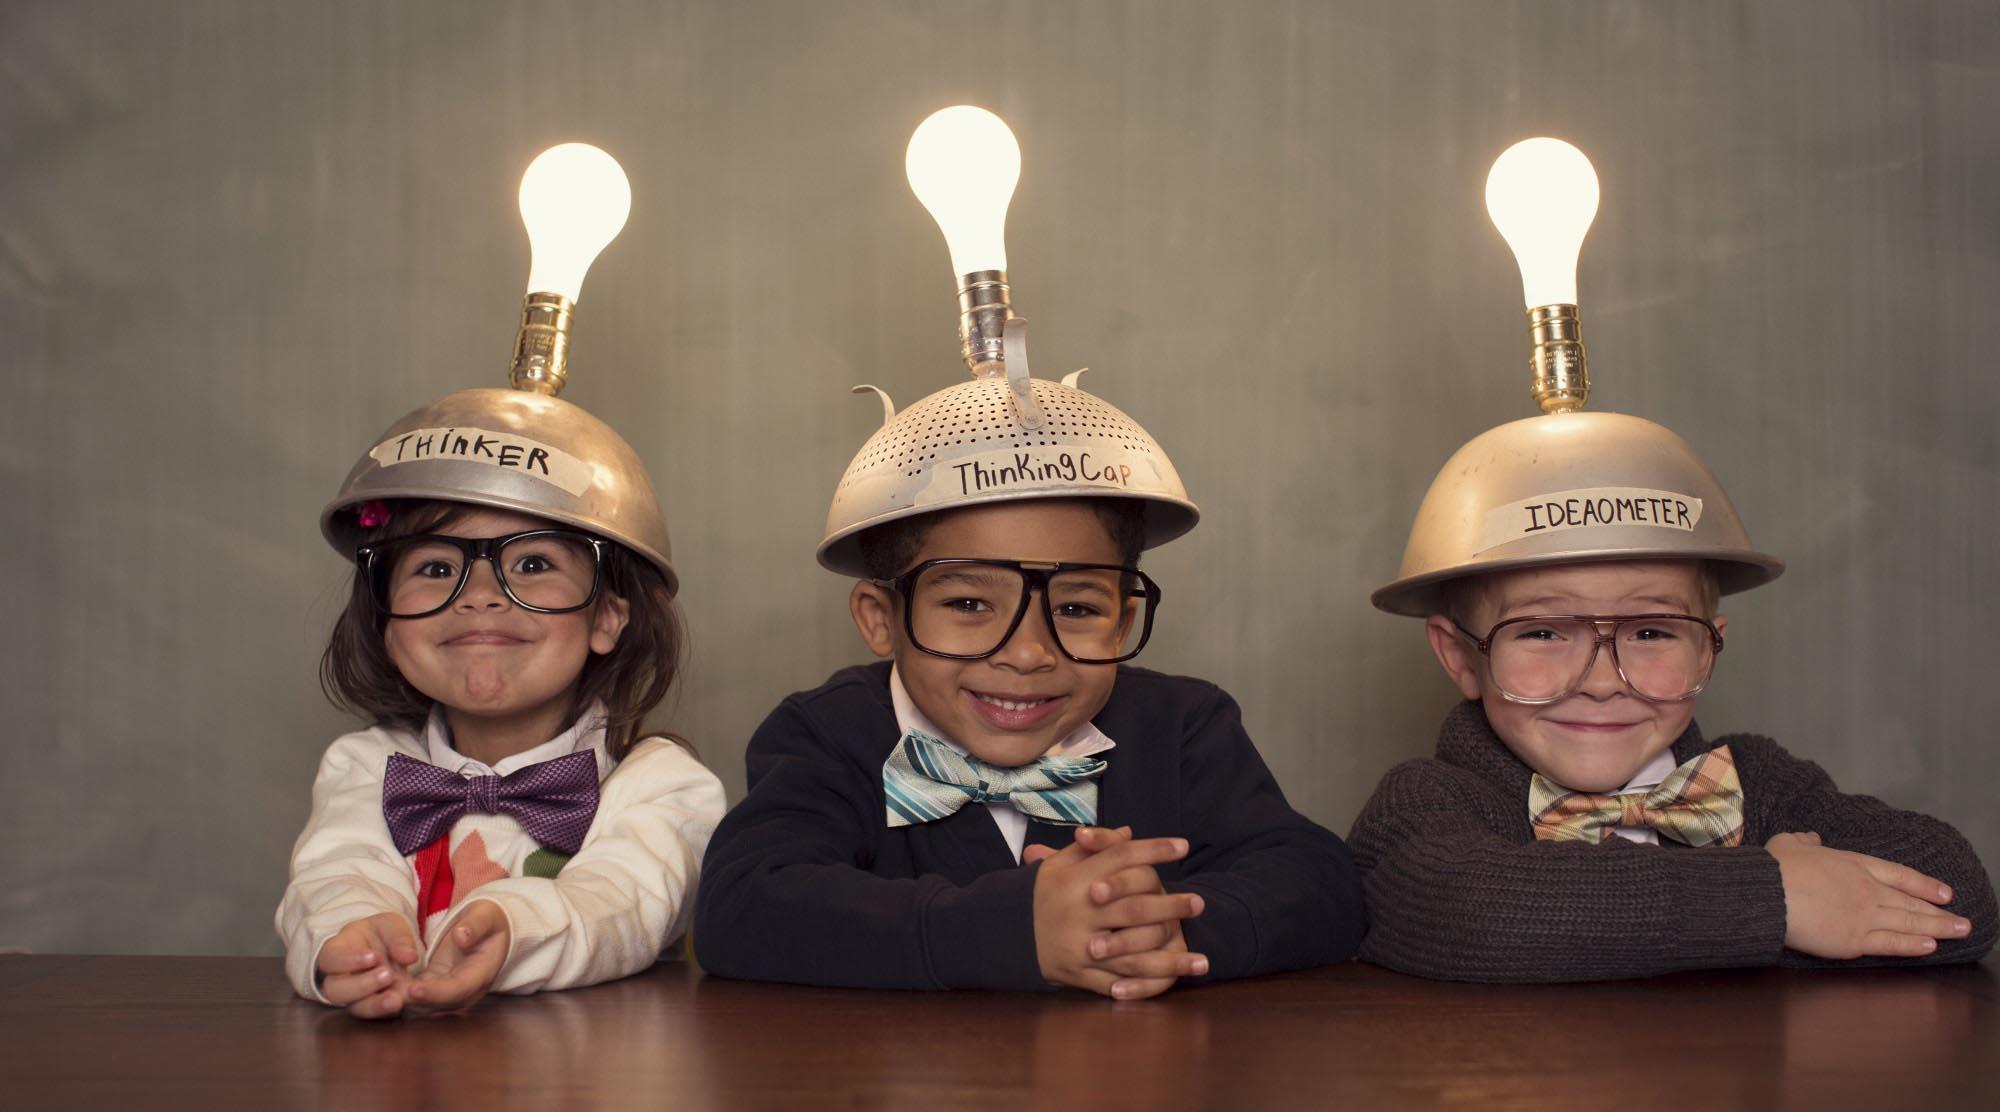 هشت اصل مهم نوآوری (قسمت اول)